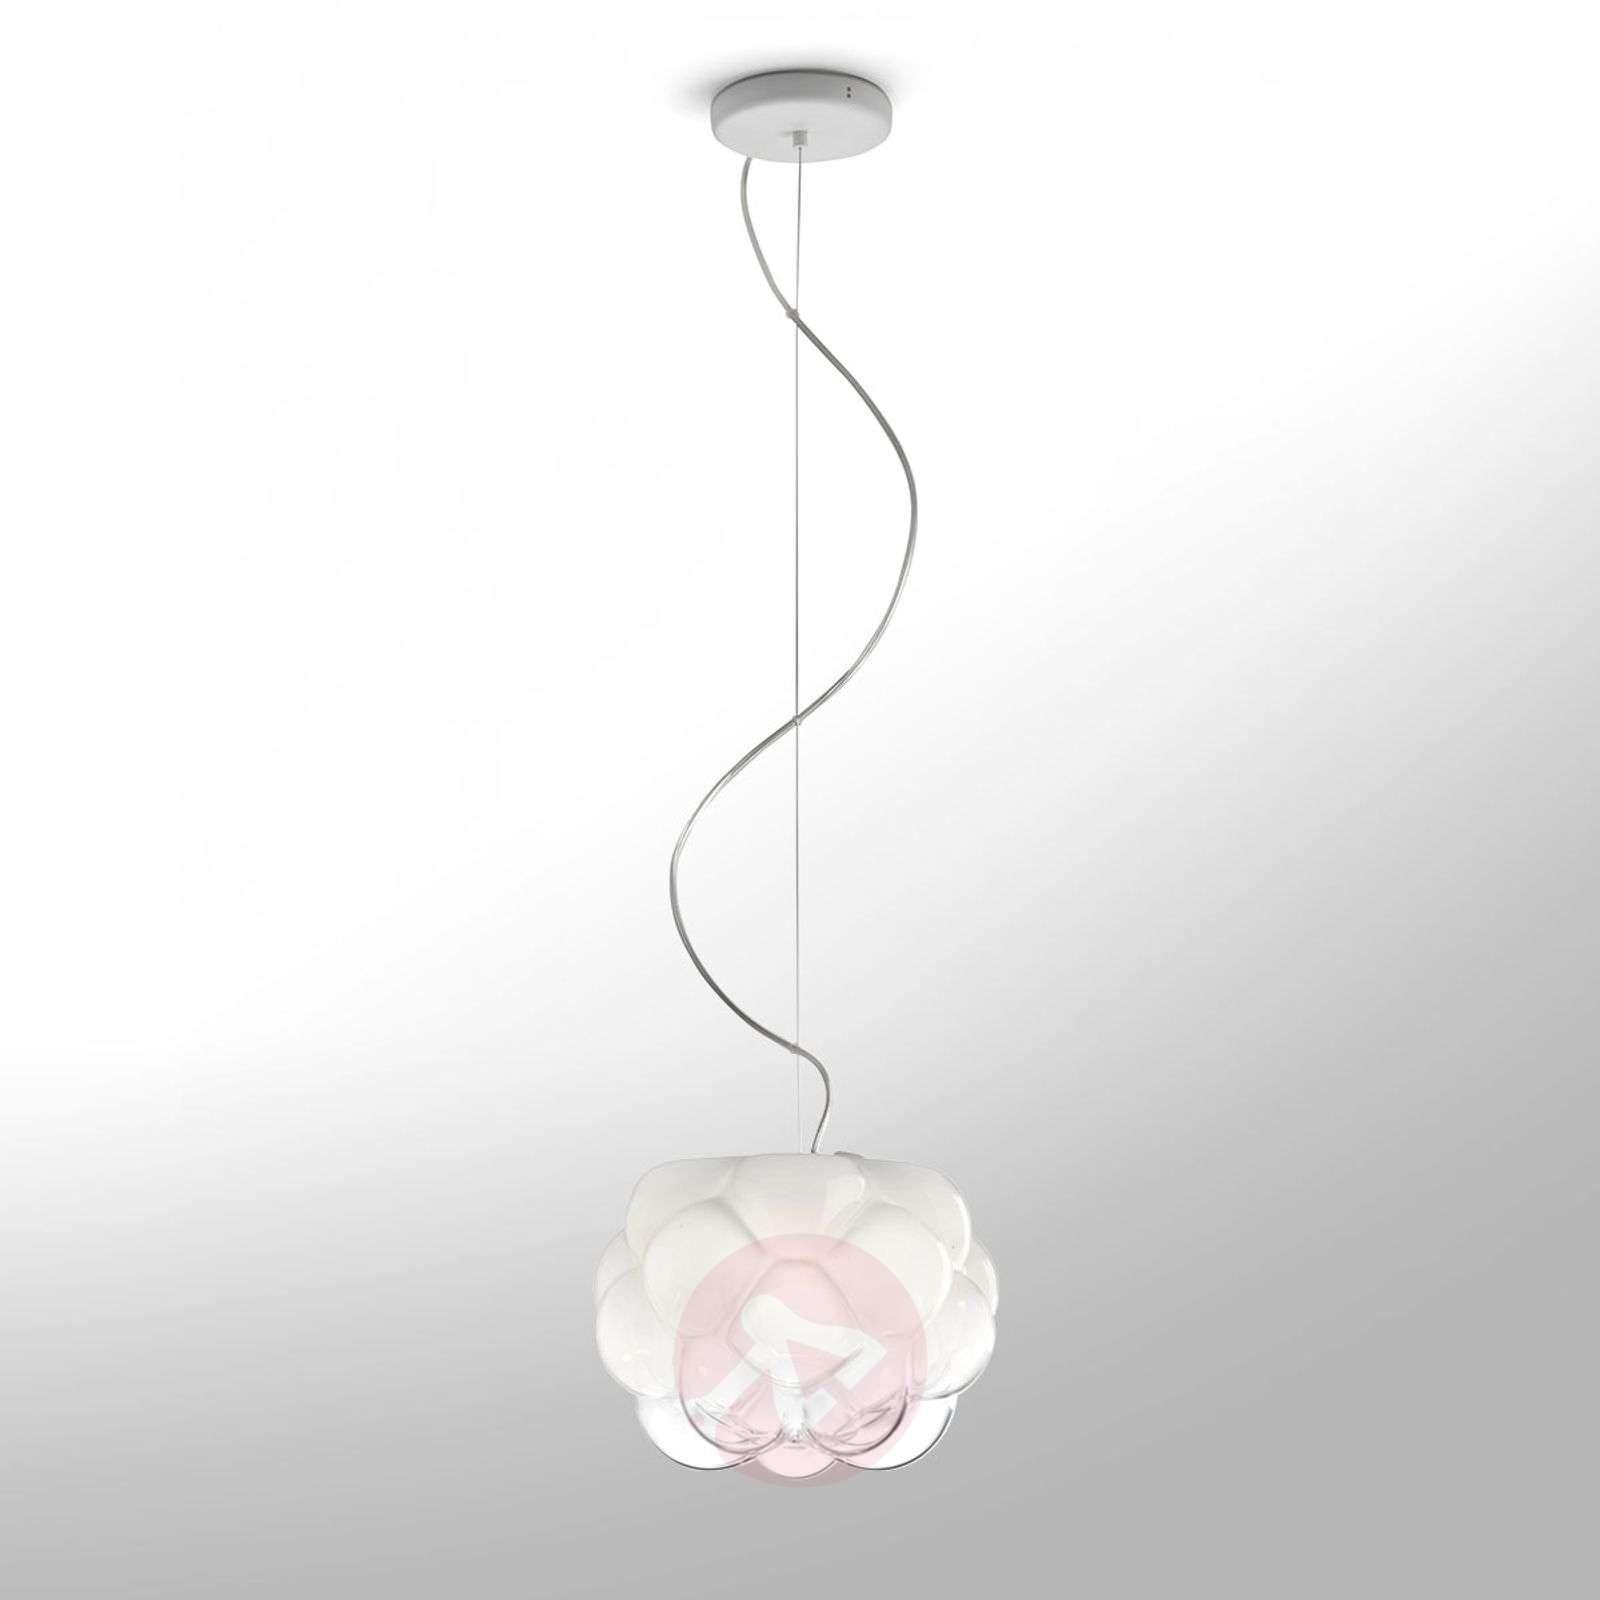 Pilvimäinen LED-riippuvalaisin Cloudy-3503192X-01